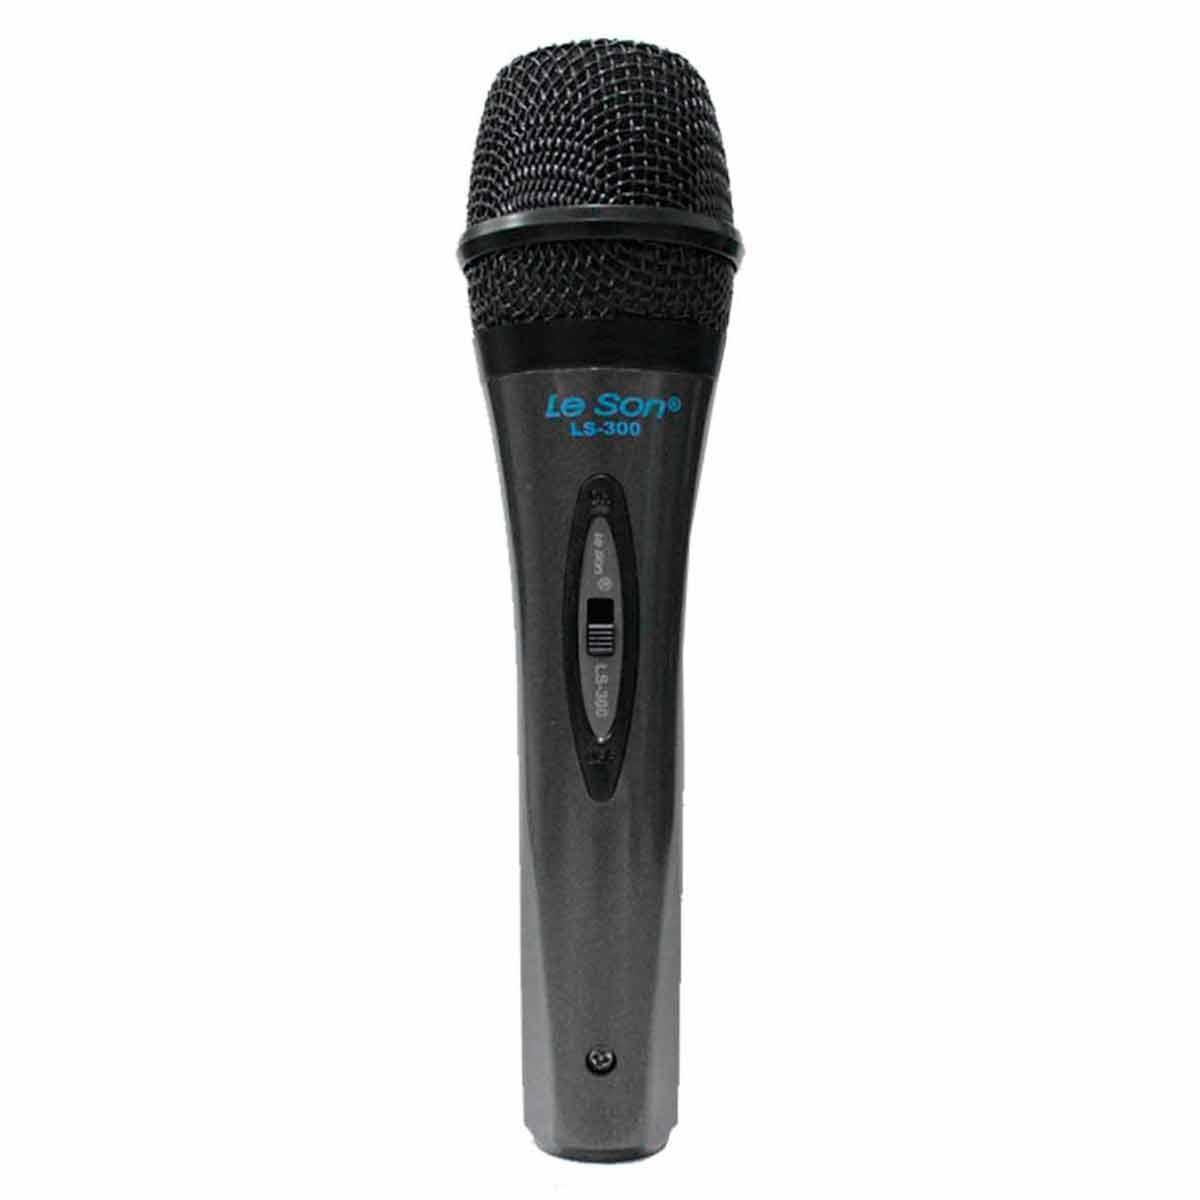 Microfone c/ Fio de Mão - LS 300 Le Son